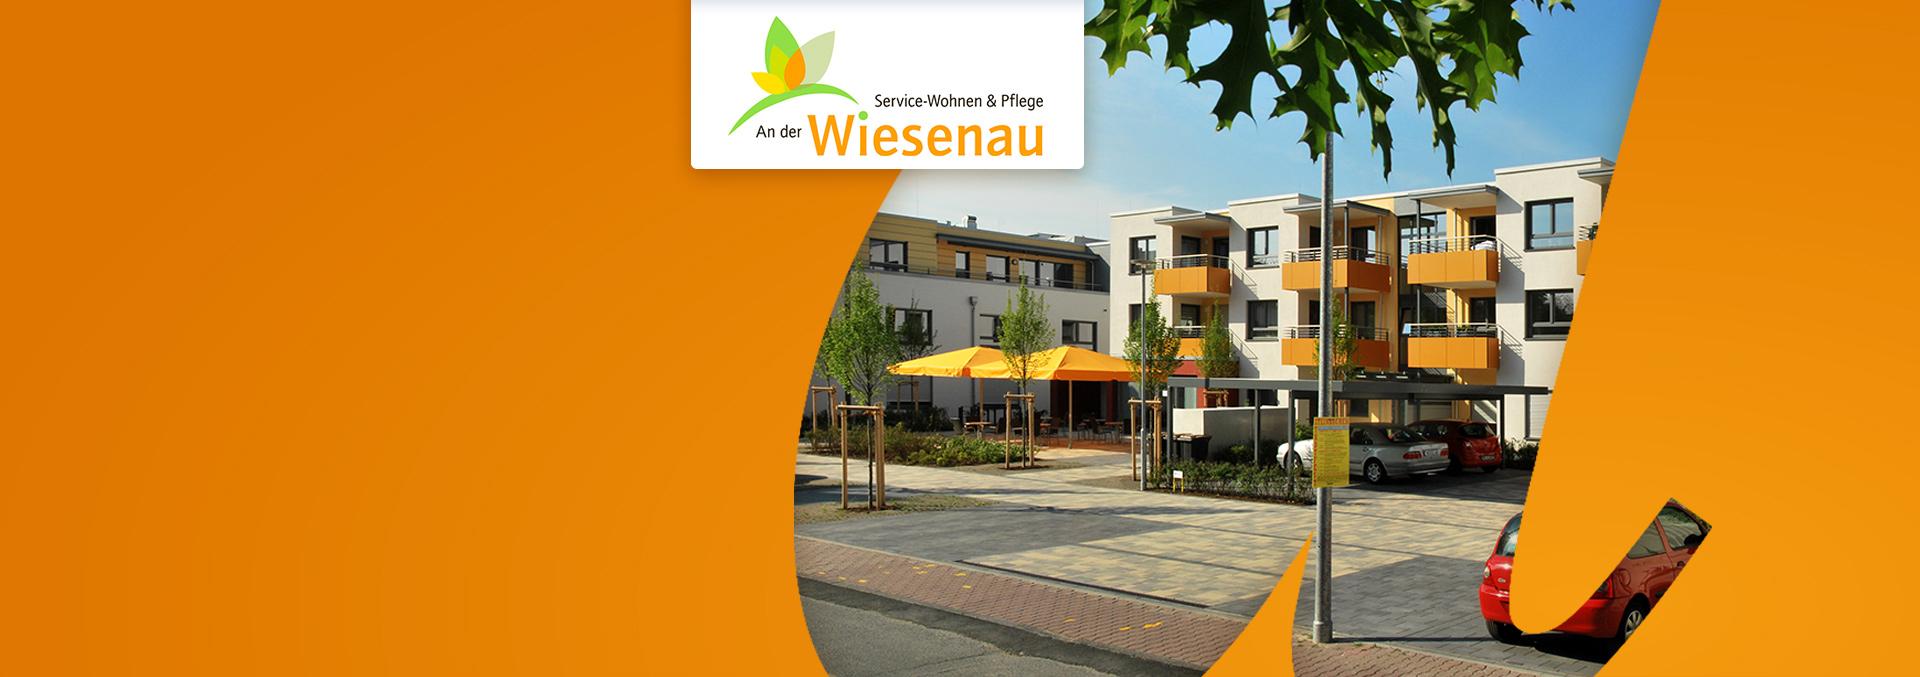 Service-Wohnen und Pflege AN DER WIESENAU: Außenbereich mit Parkplatz und Terrasse